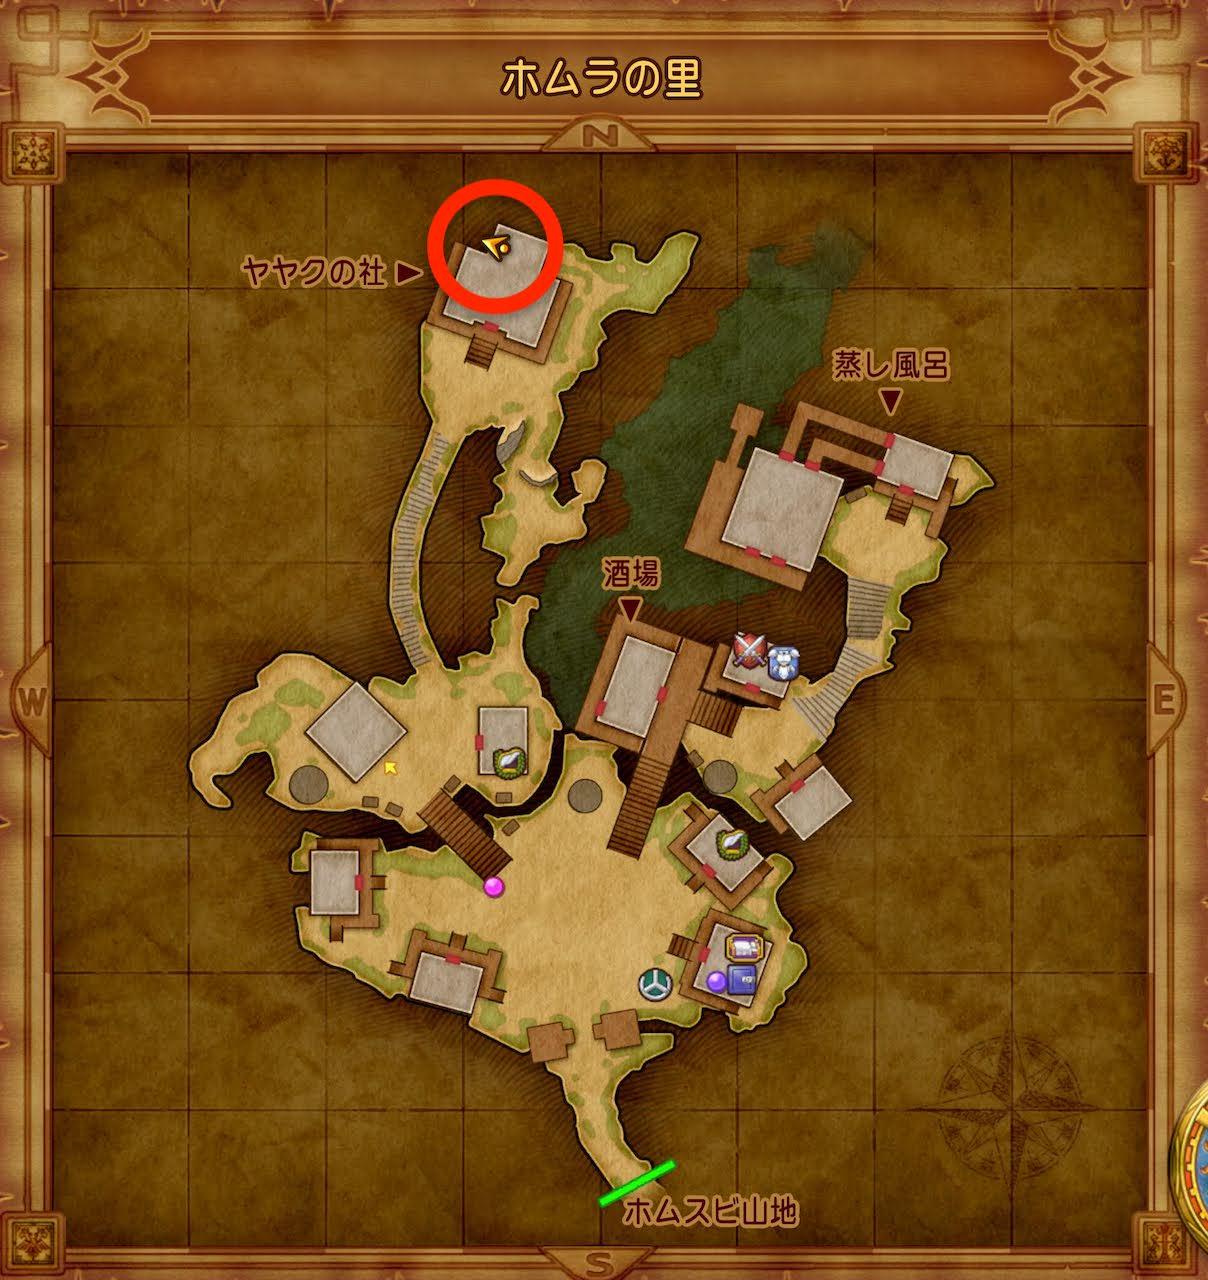 ドラクエ11S ロマンの里ホムラ いにしえの巫女の日記の場所